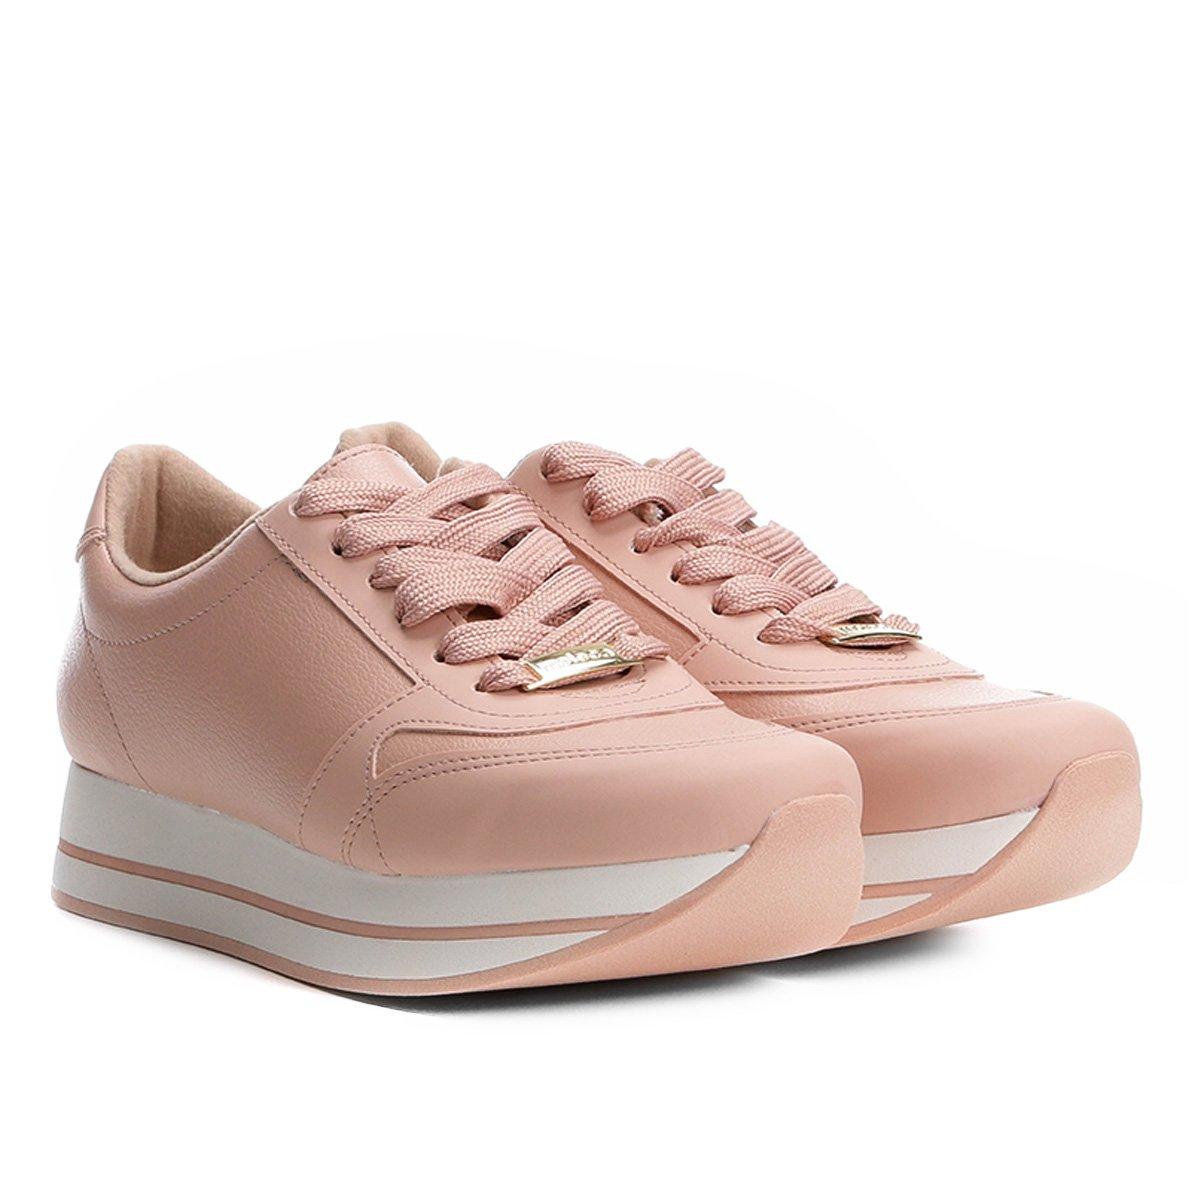 ab30961439 Tênis moleca jogging feminino rosa compre agora netshoes jpg 544x544 Tenis  molecas 2018